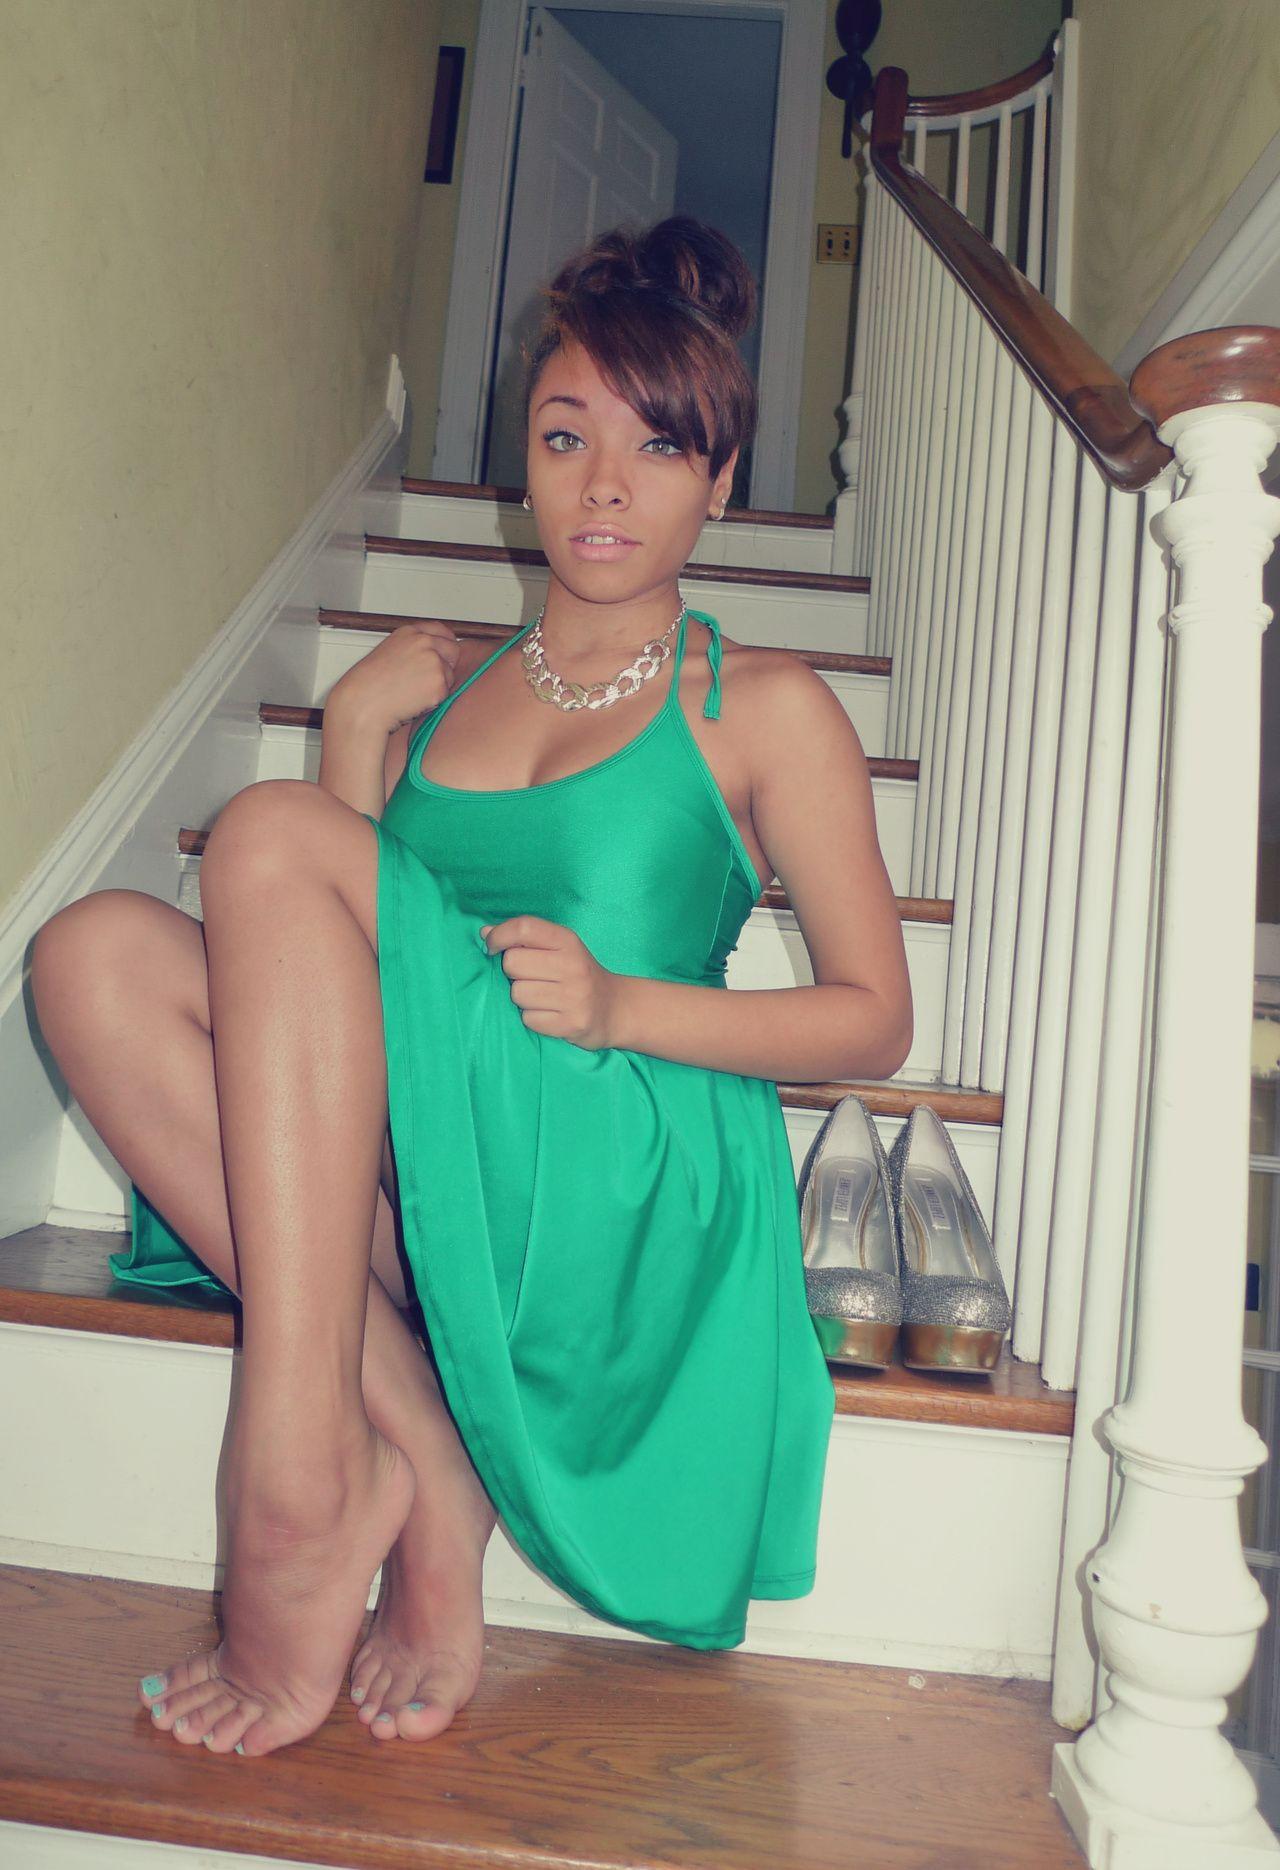 Pretty Ebony Feet  Good Looking Women, Beautiful Black